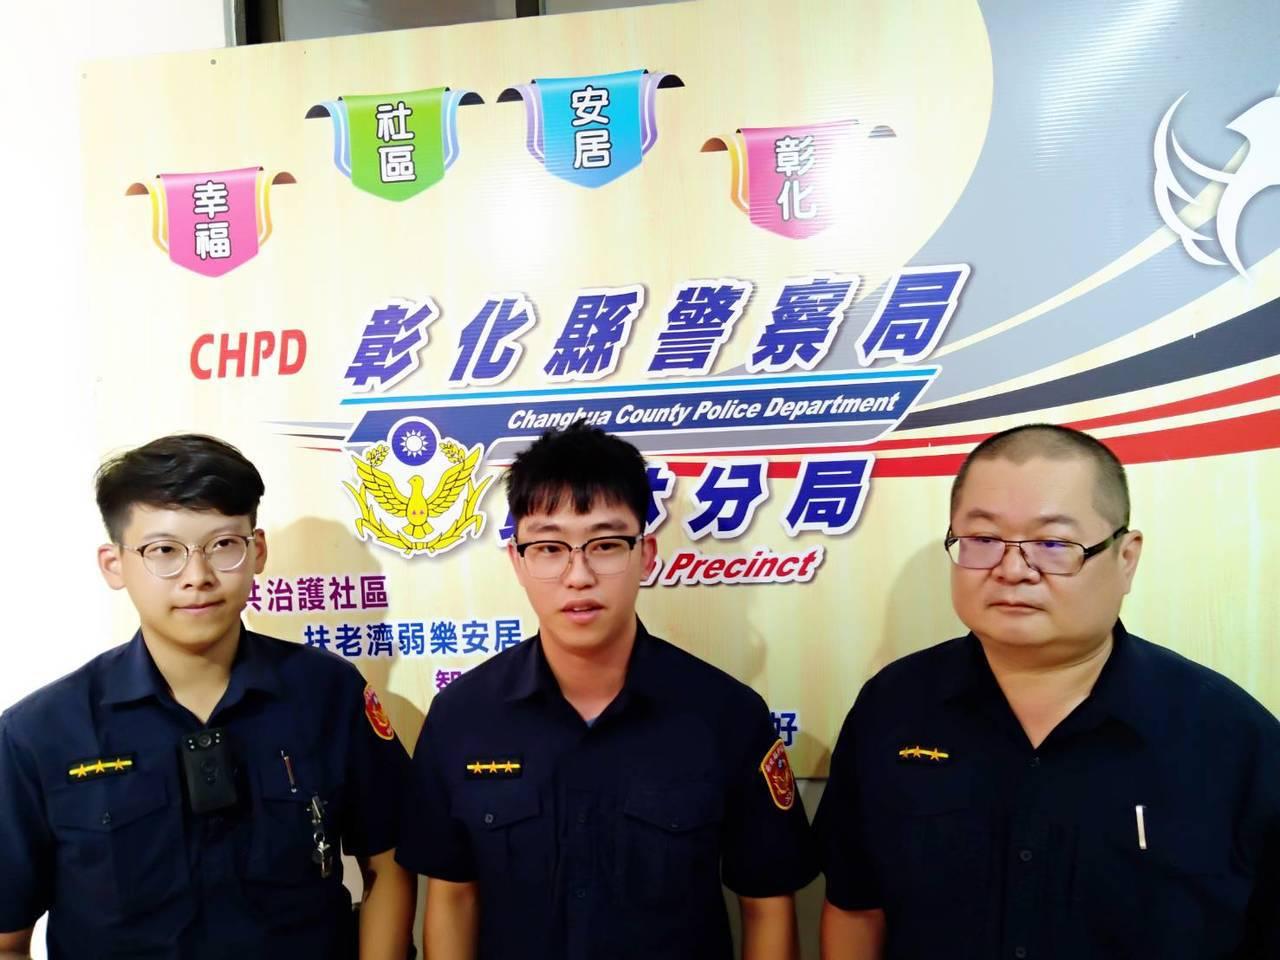 員林派出所警員警劉俊毅、黃駿勝及賴志騰(由左至右)在前往接受表揚的途中,眼尖抓到...